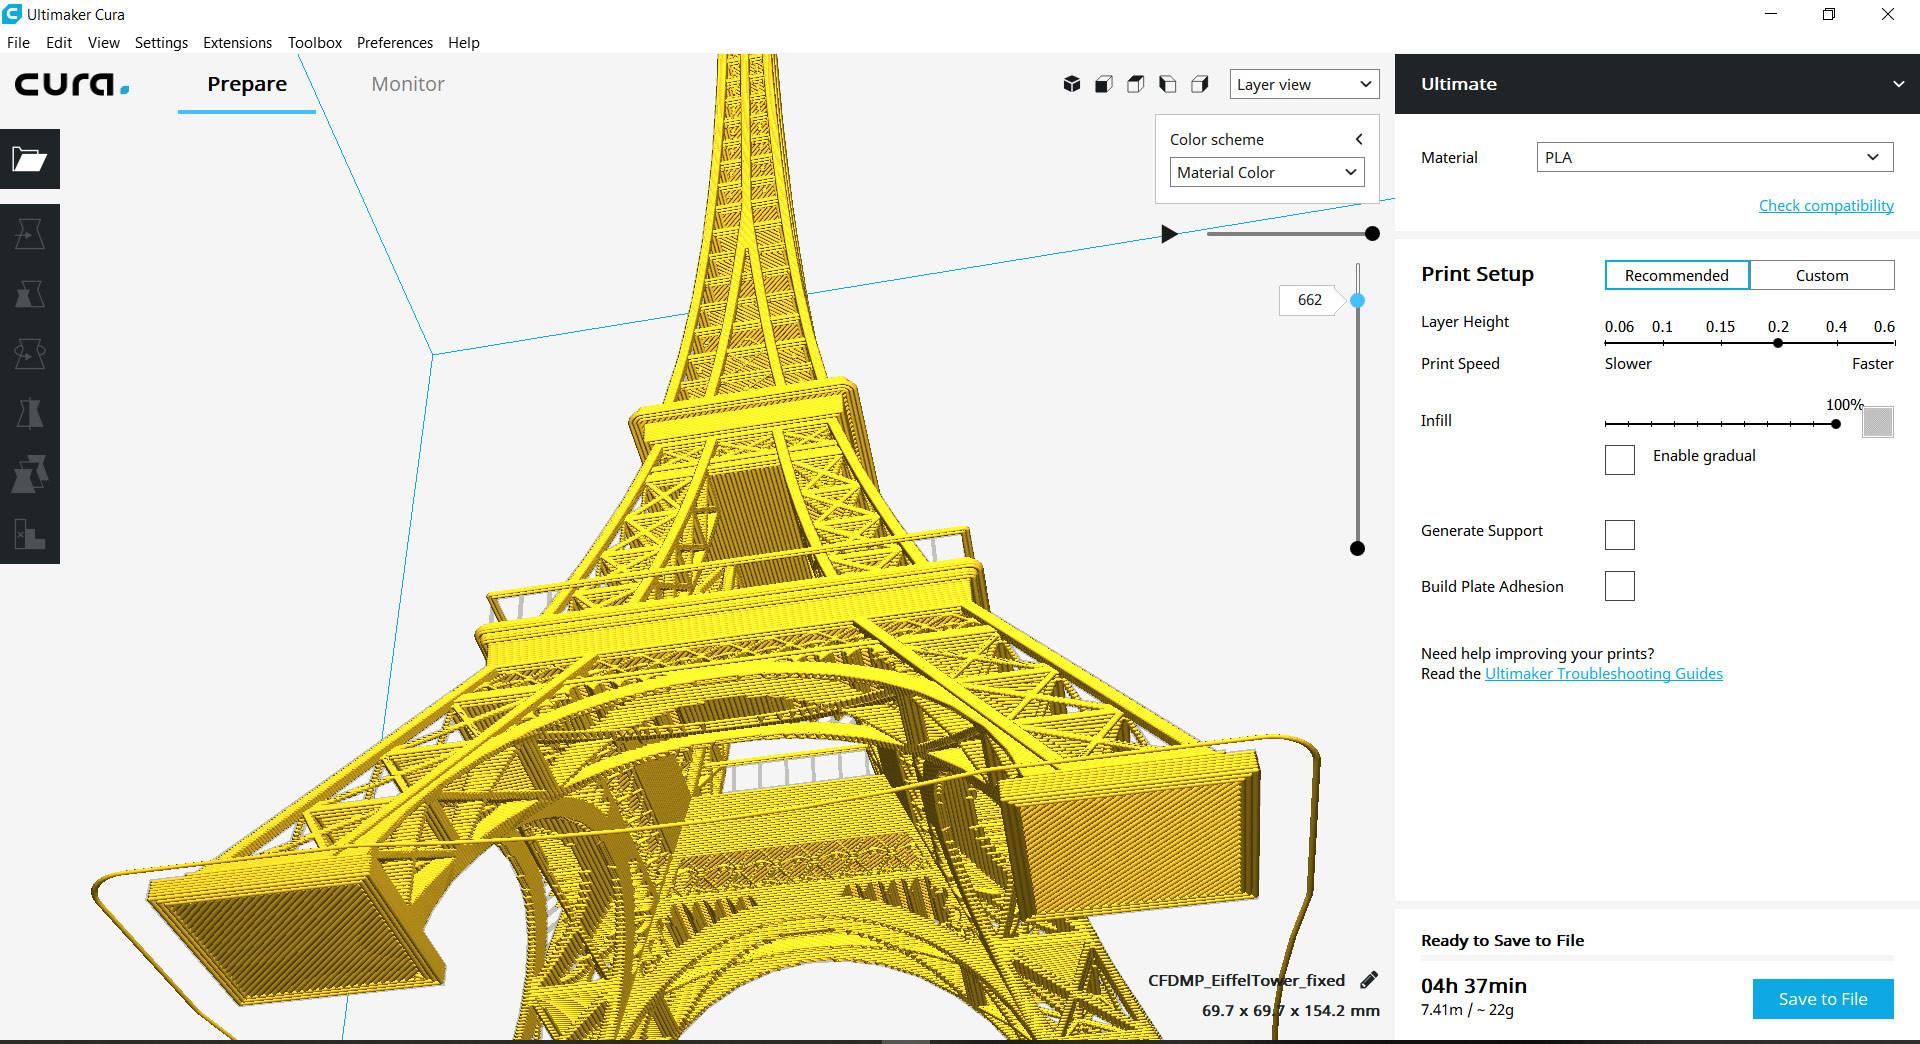 Les 27 meilleurs logiciels pour imprimante 3D gratuits en 2019